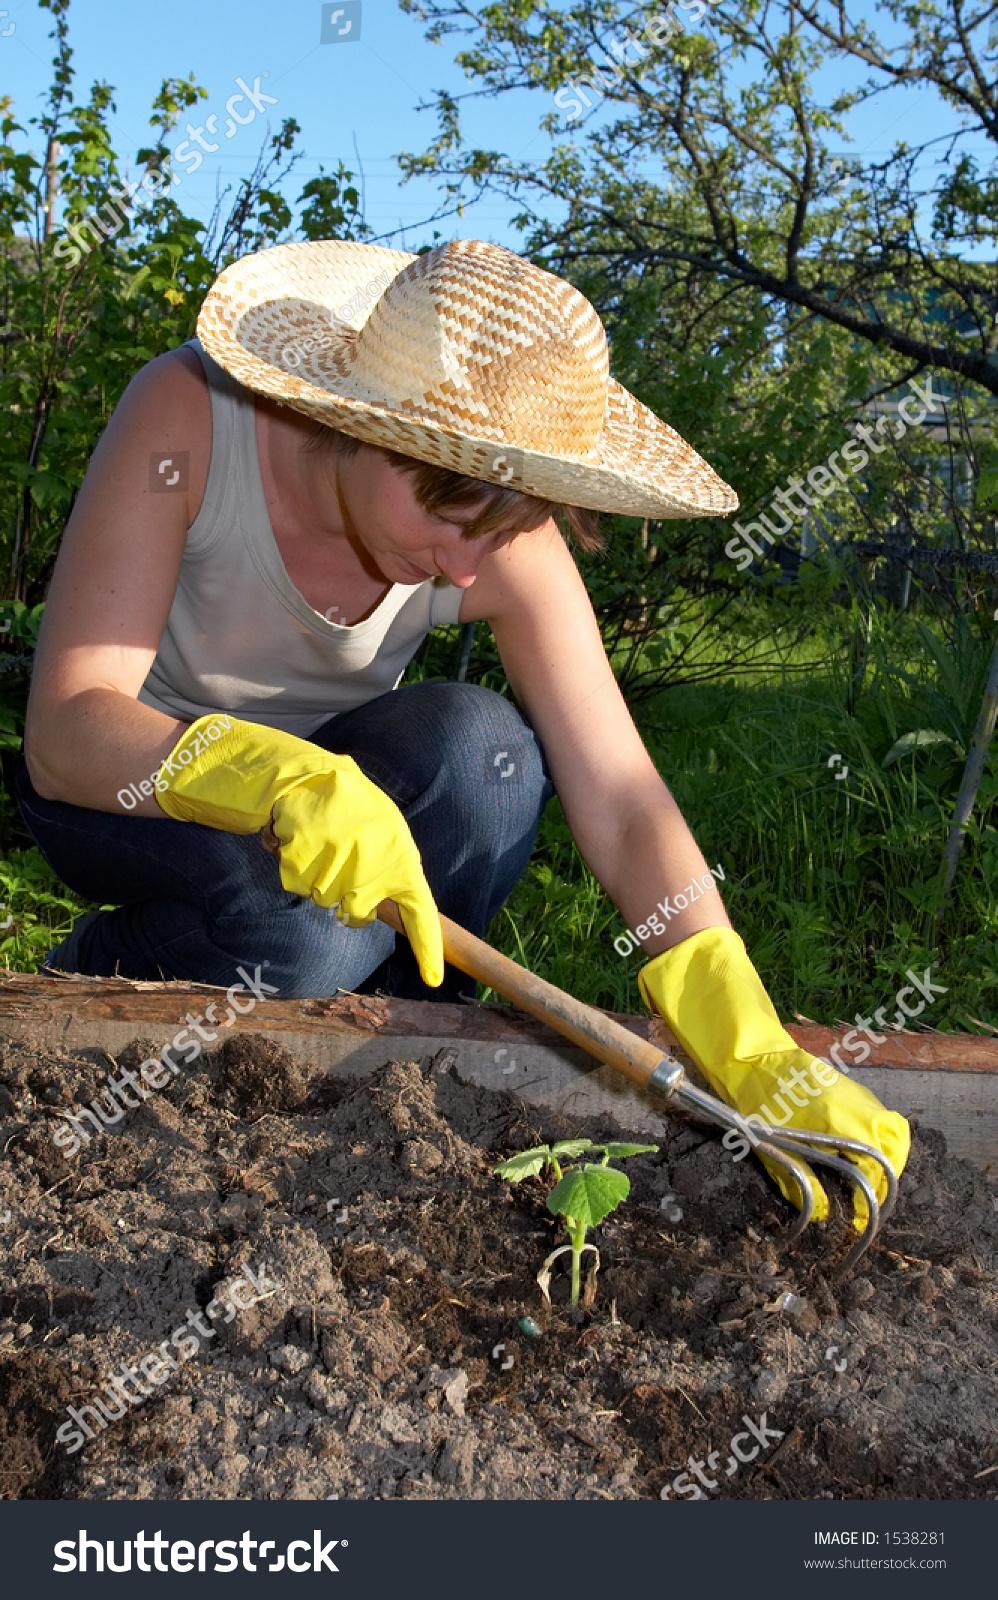 Garden work weeding stock photo 1538281 shutterstock - Weeding garden make work easier ...